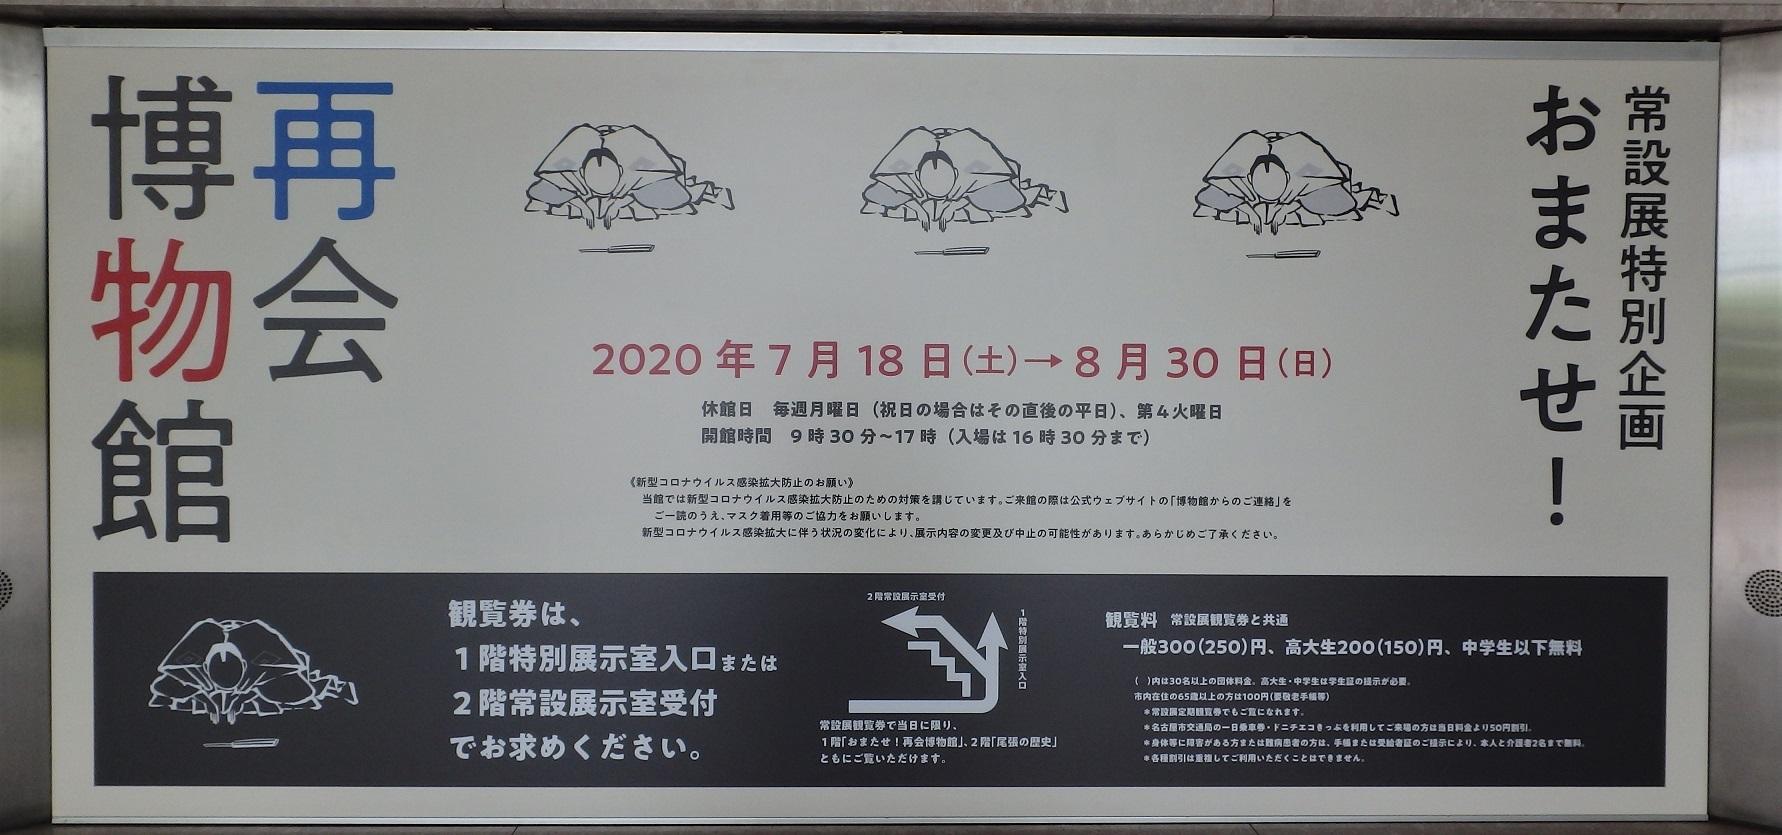 名古屋市博物館再開